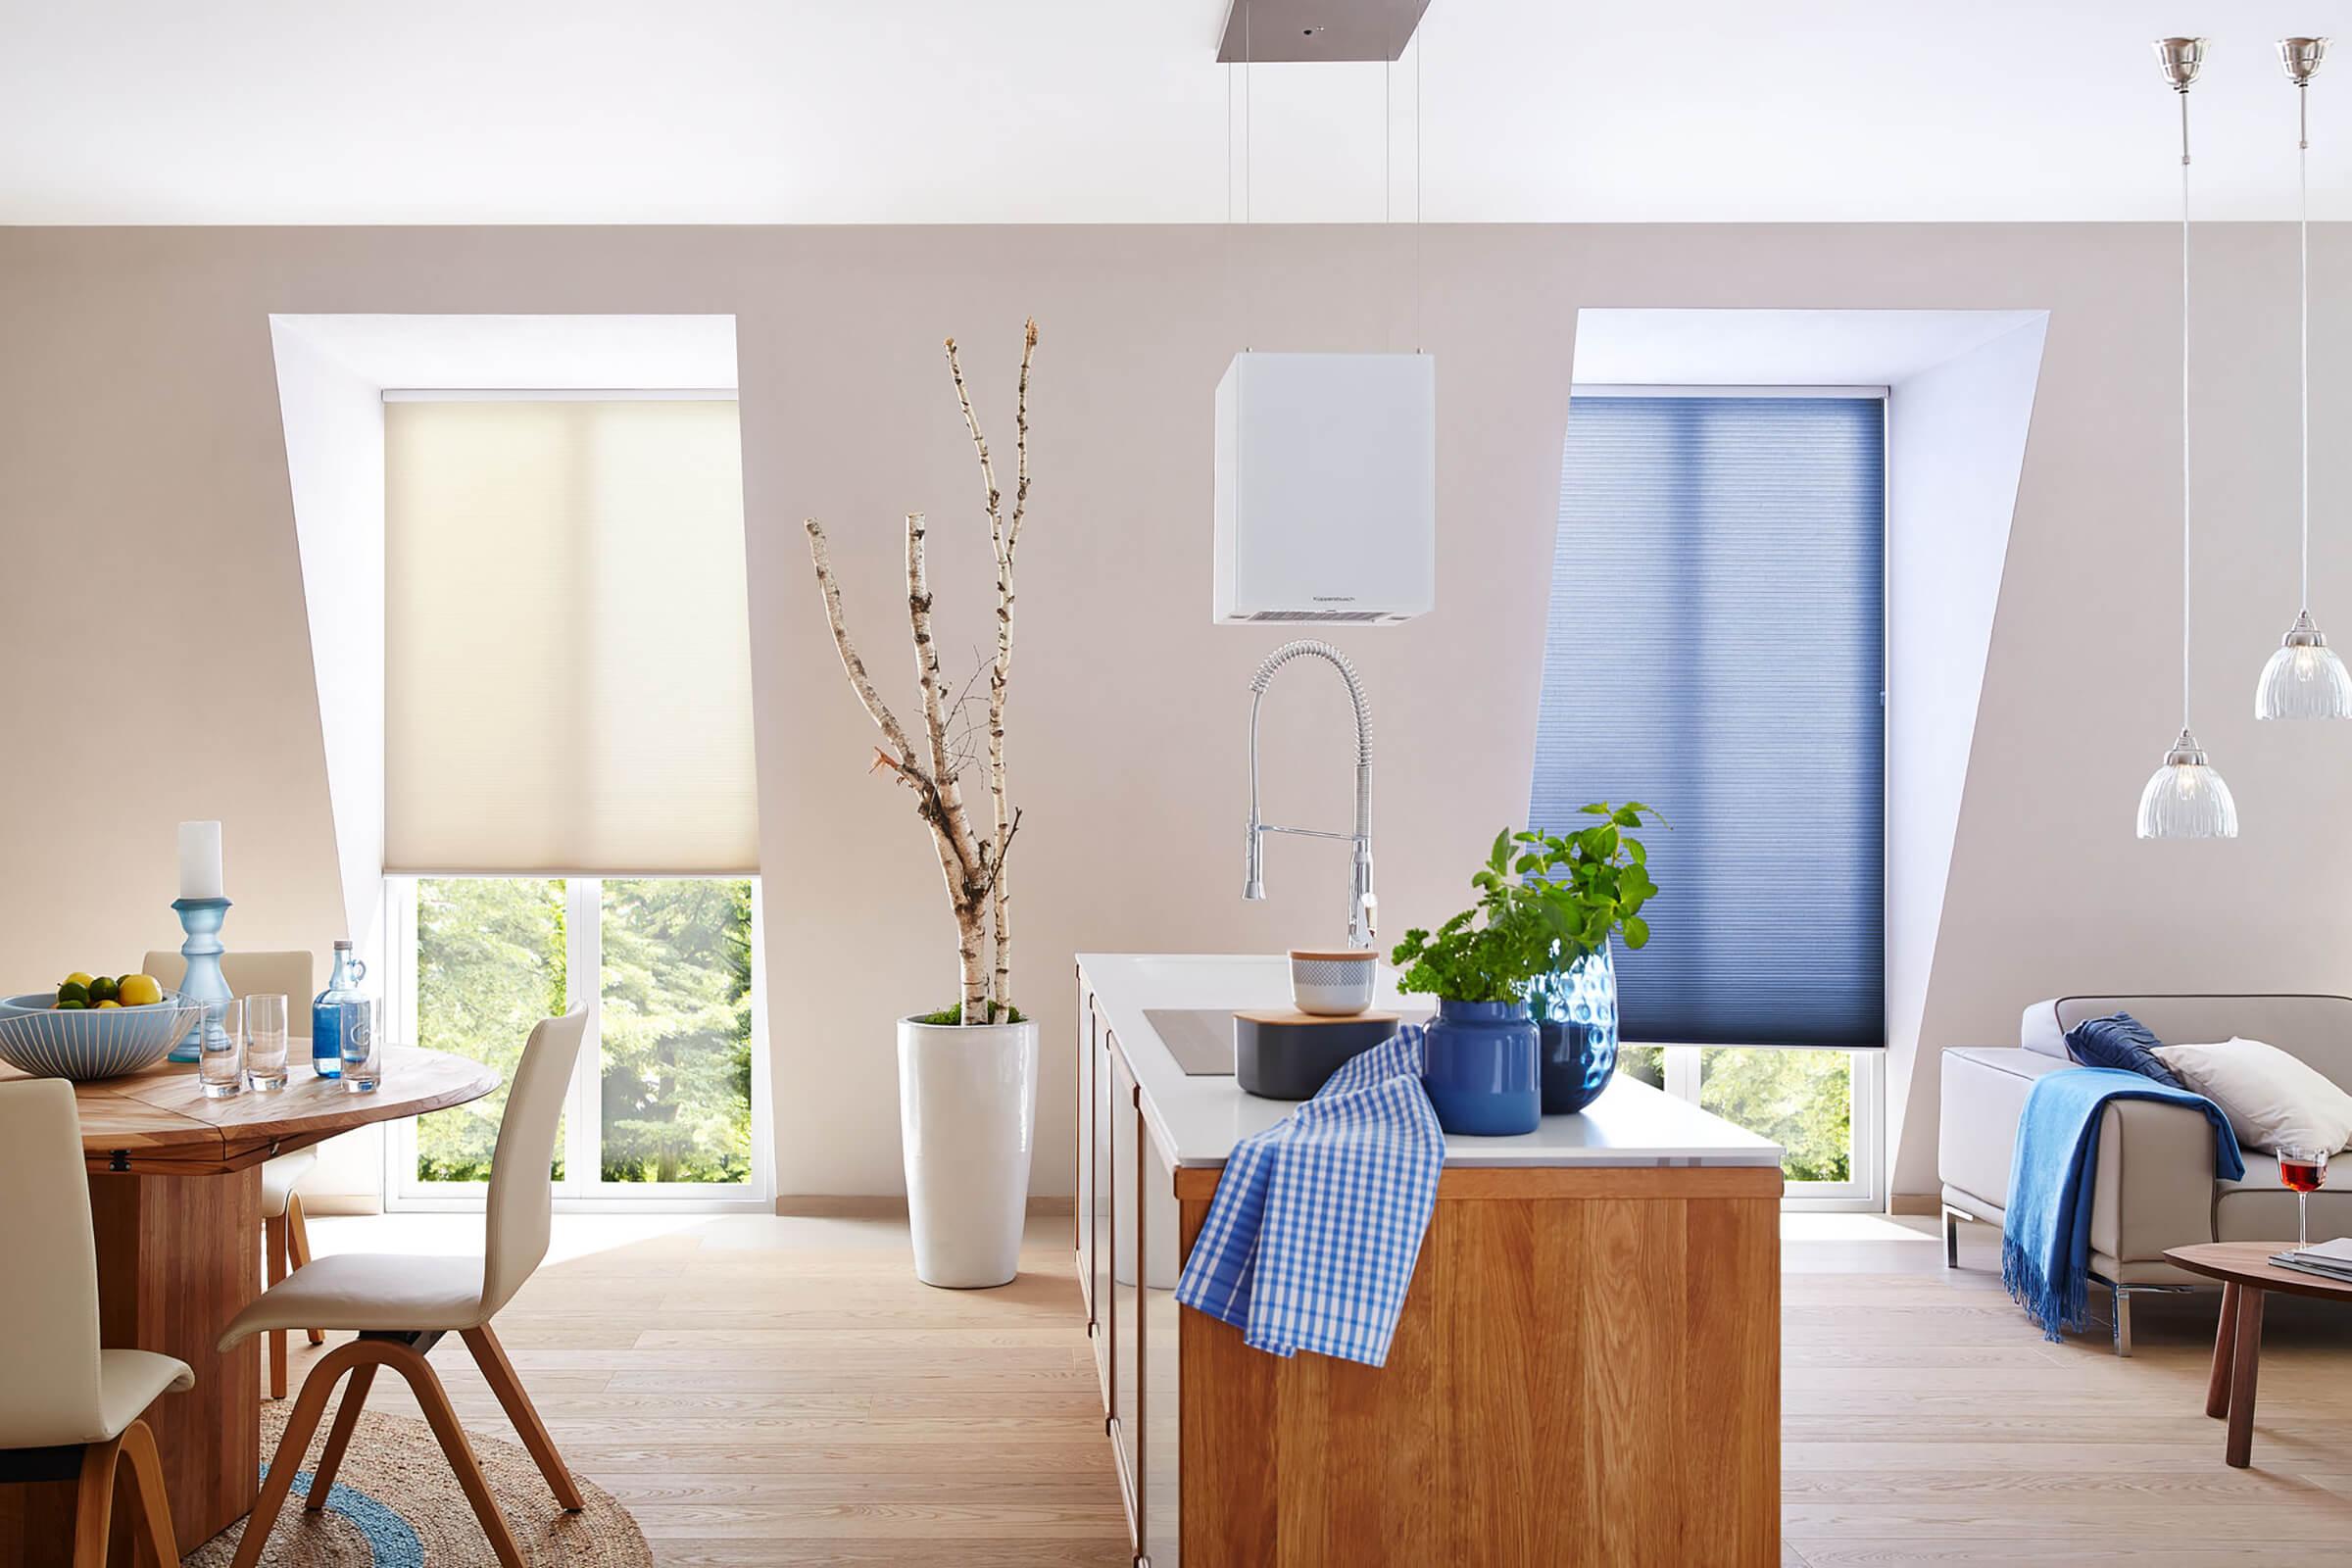 Blaue Wabenplissees zum Sonnenschutz in Wohnzimmer und Küche